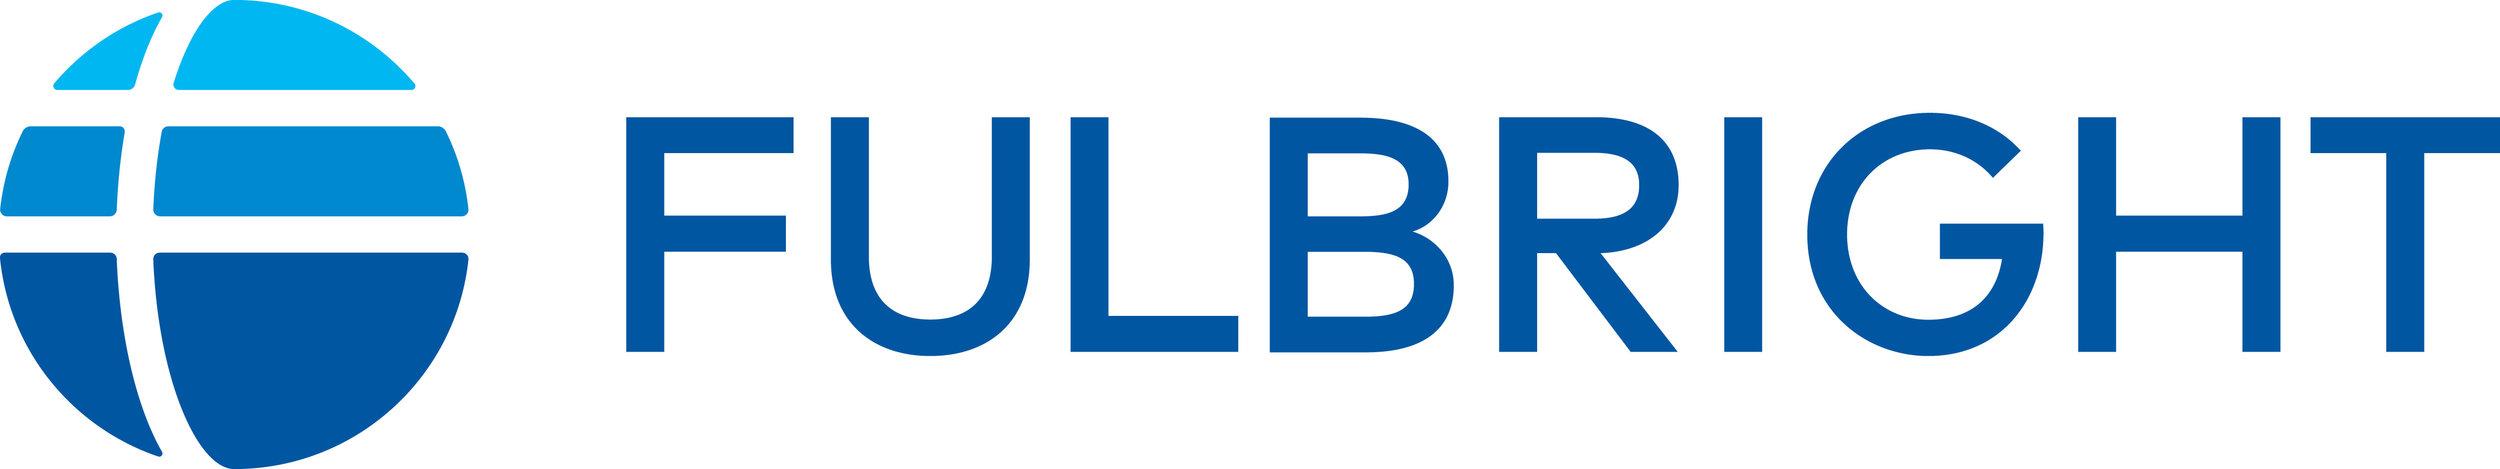 Fulbright_Primary_CMYK_FullColor.jpg